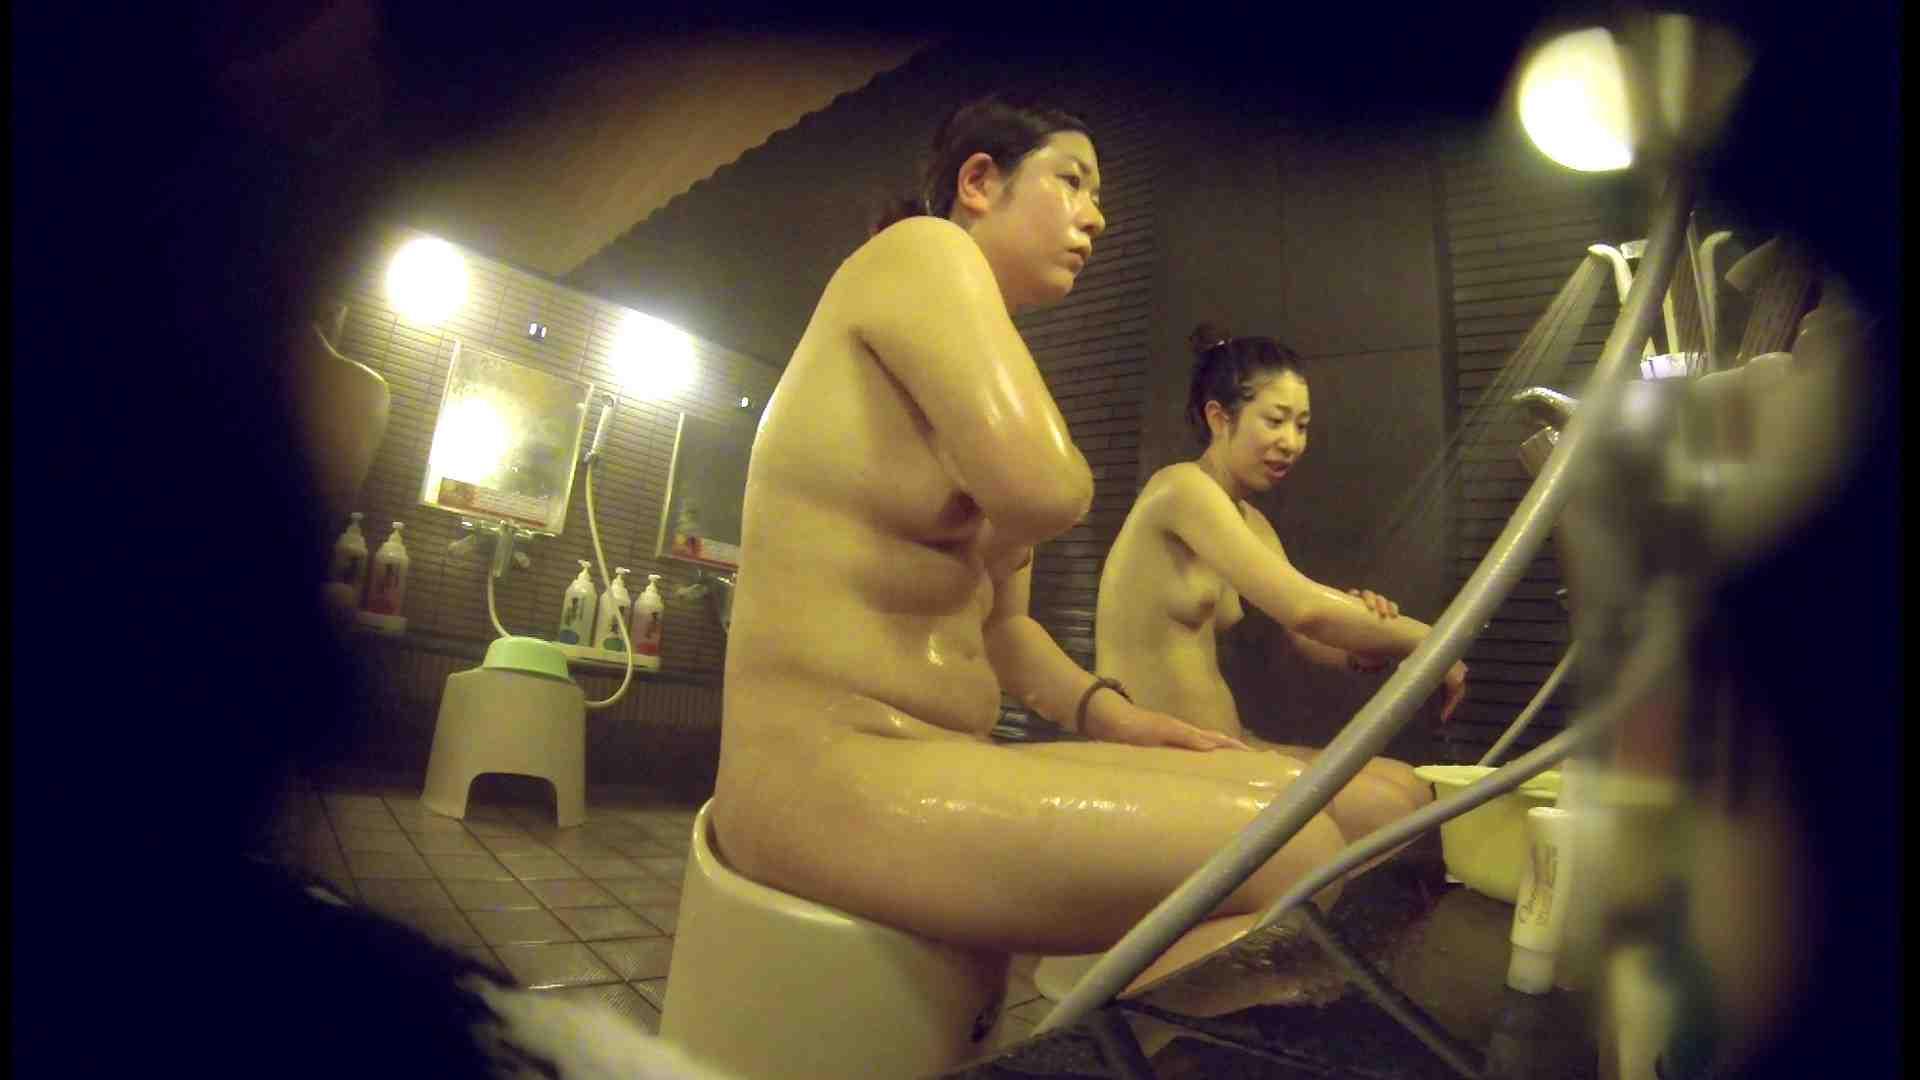 洗い場!んーーー残念なボディです。痩せれば抱けるかも? 潜入  52PIX 10